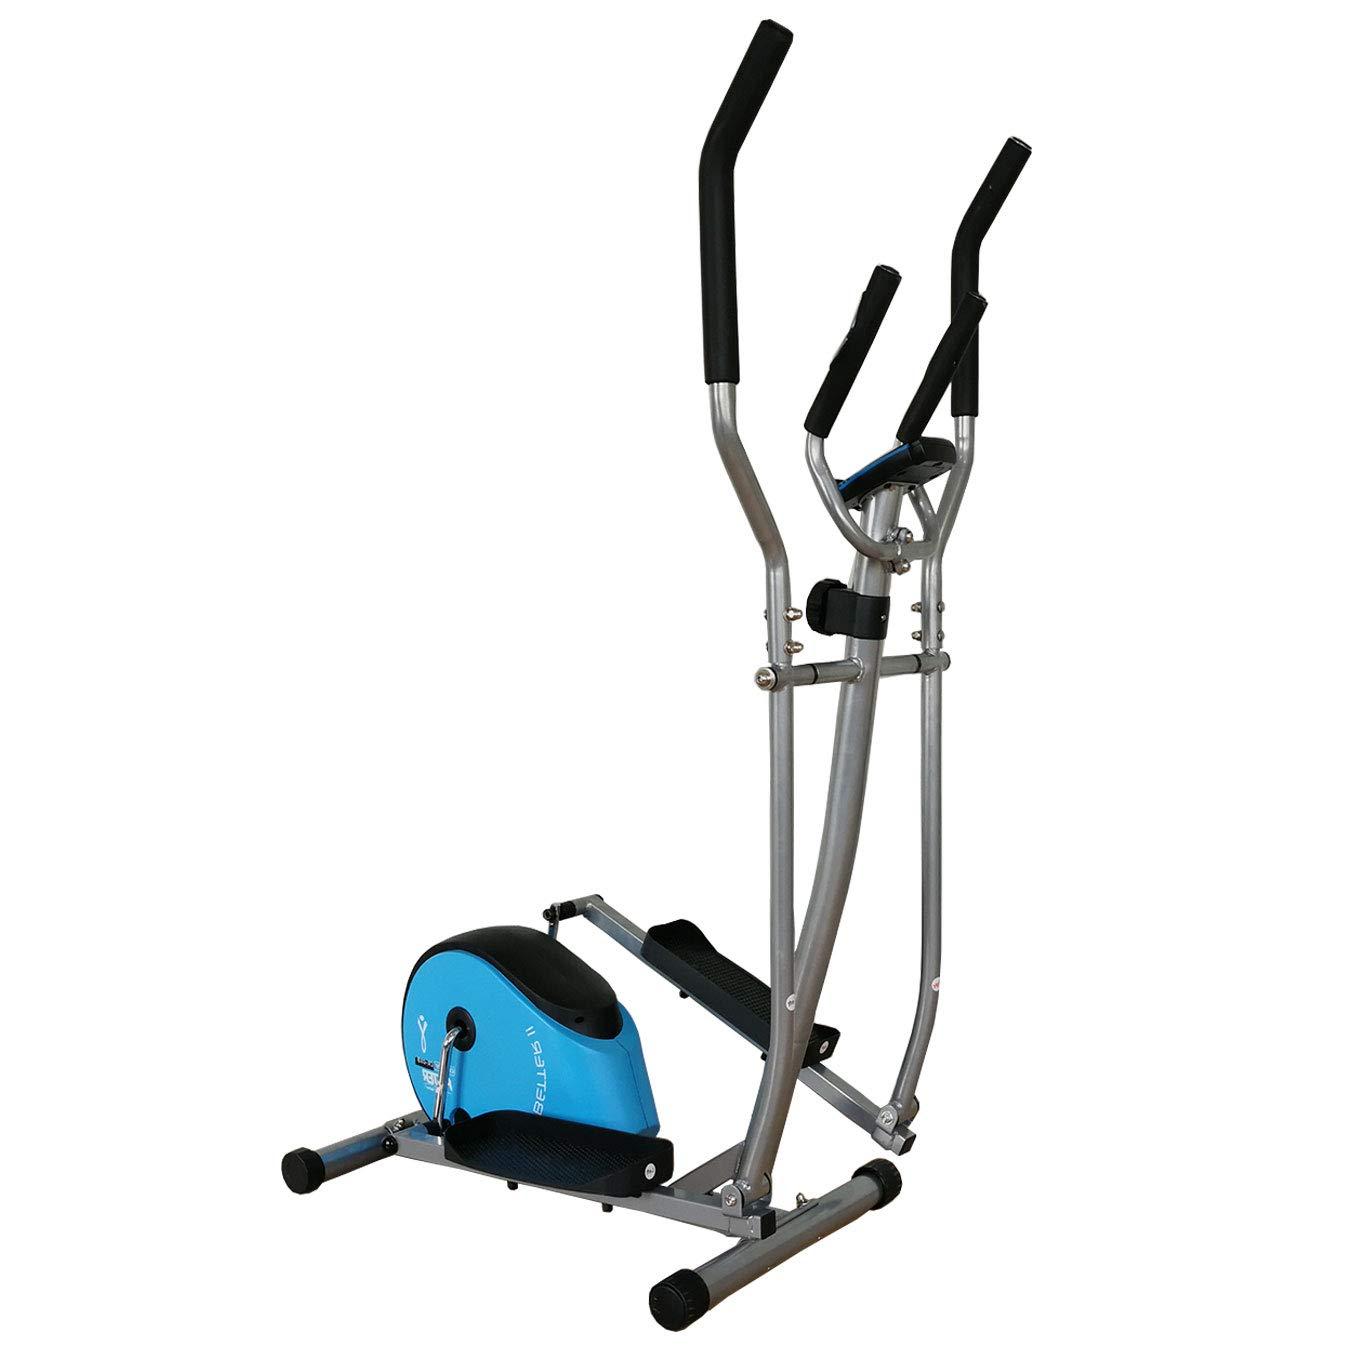 FYTTER - Bicicleta Elíptica Cr-01B: Amazon.es: Deportes y aire libre